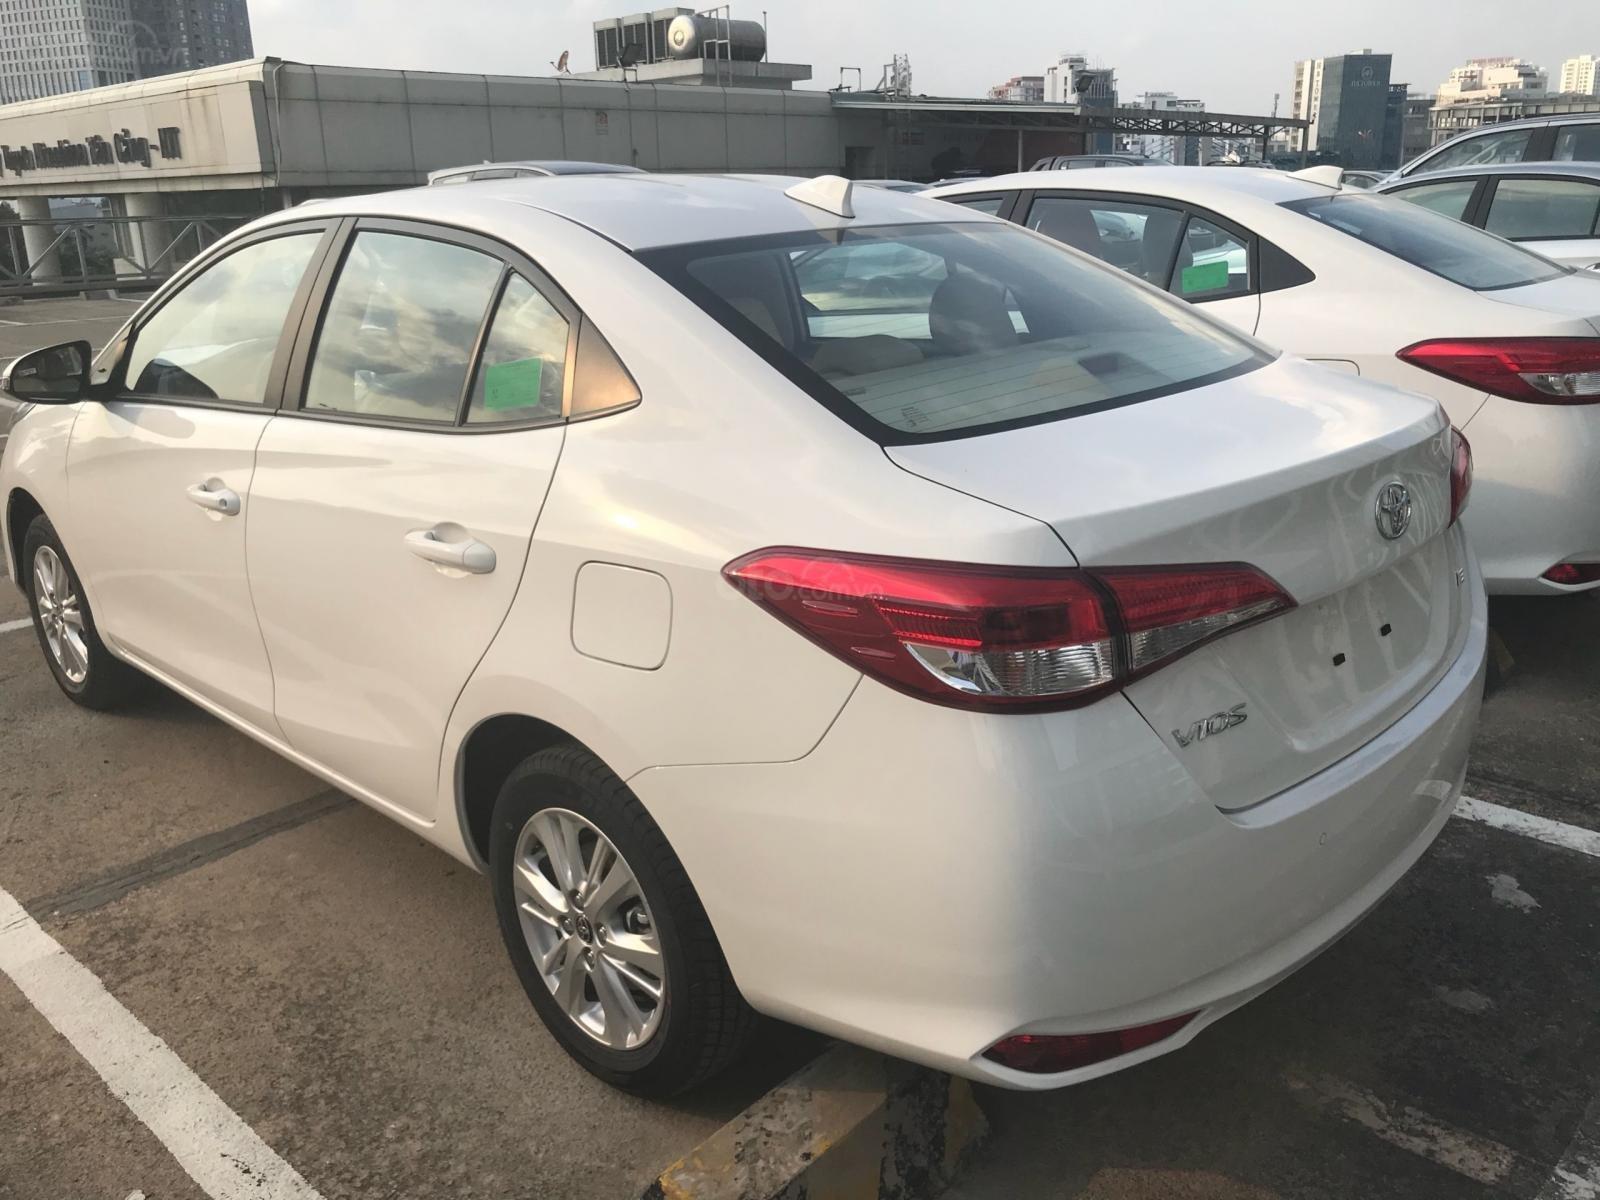 Toyota Tân Cảng Vios 1.5 tự động, trả trước 150tr nhận xe - Xe giao ngay đủ màu, LH 0933000600-5